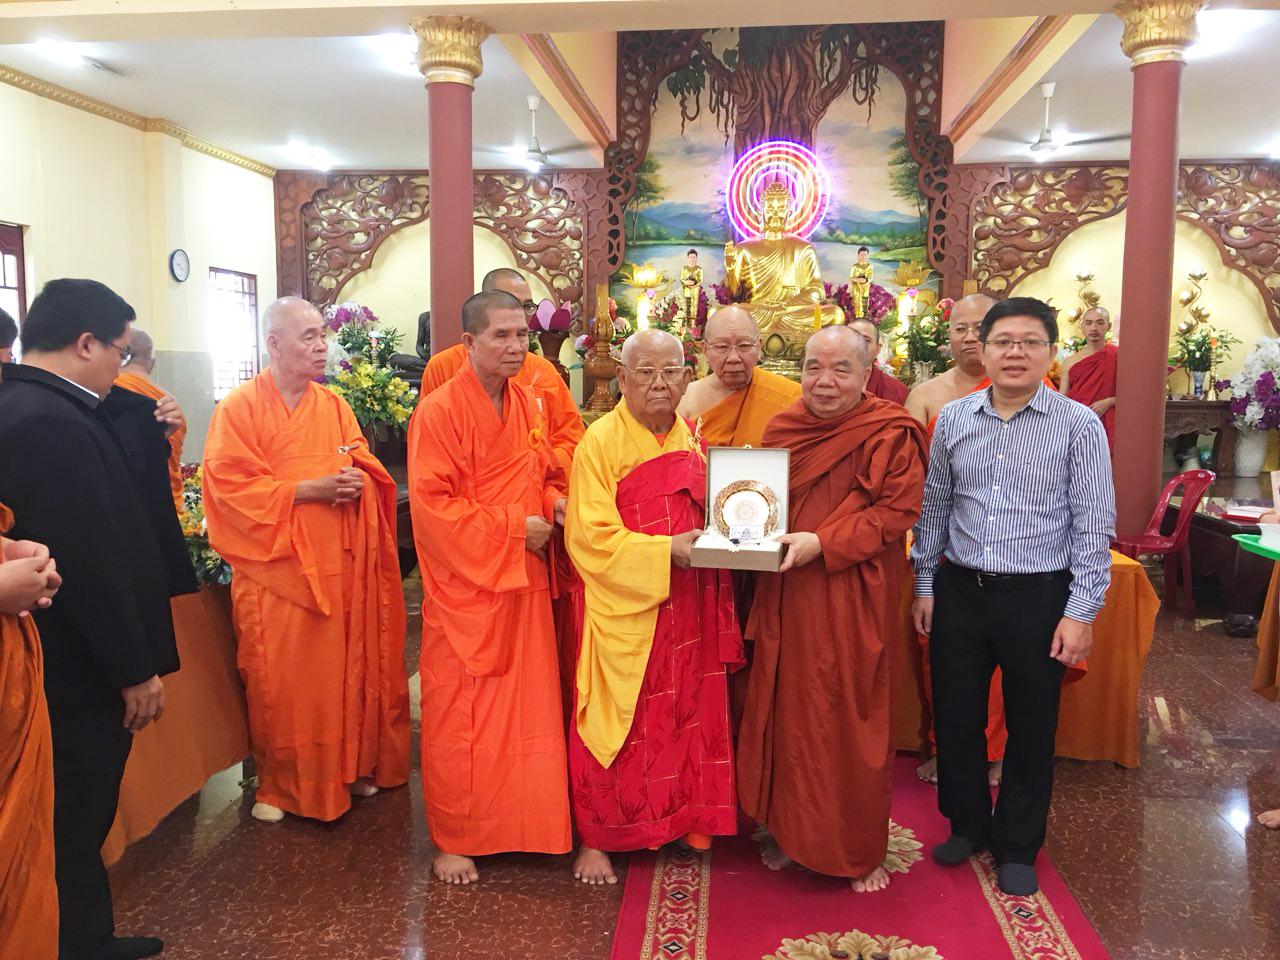 Phái đoàn Phật giáo An Nam tông Thái Lan đến thăm chùa Bửu Quang - an-nam-10.jpg (775366 KB)